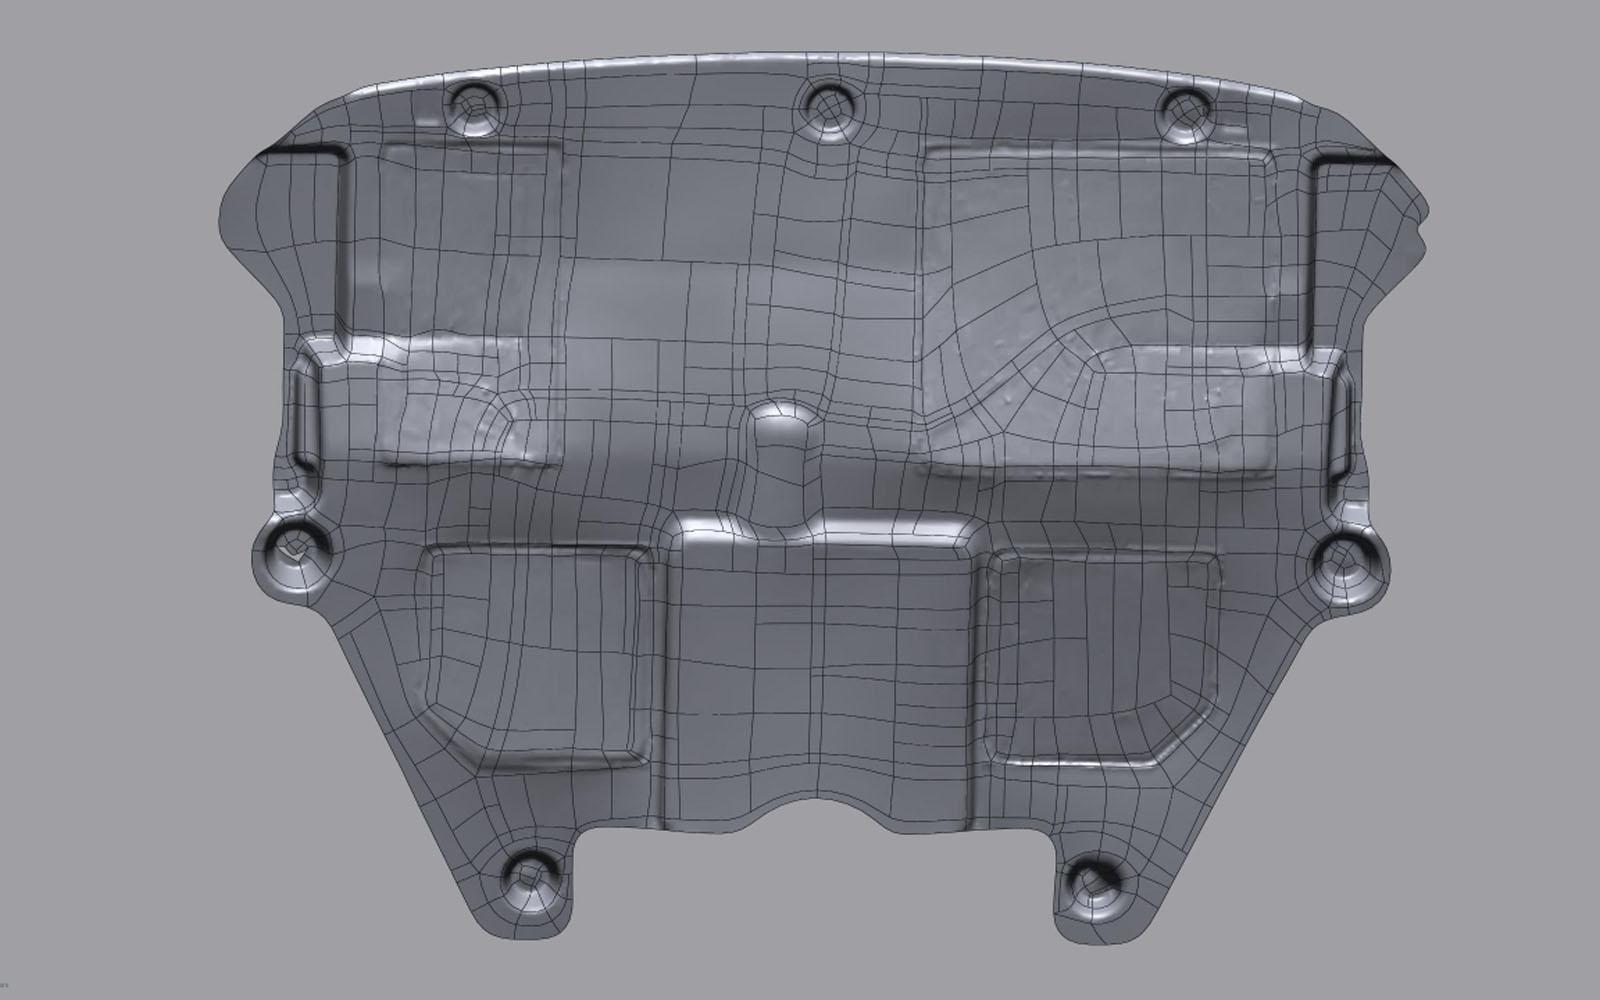 Conap 3D Reverse Engineering - Polygonflächenmodell einer PKW Untermotorverkleidung